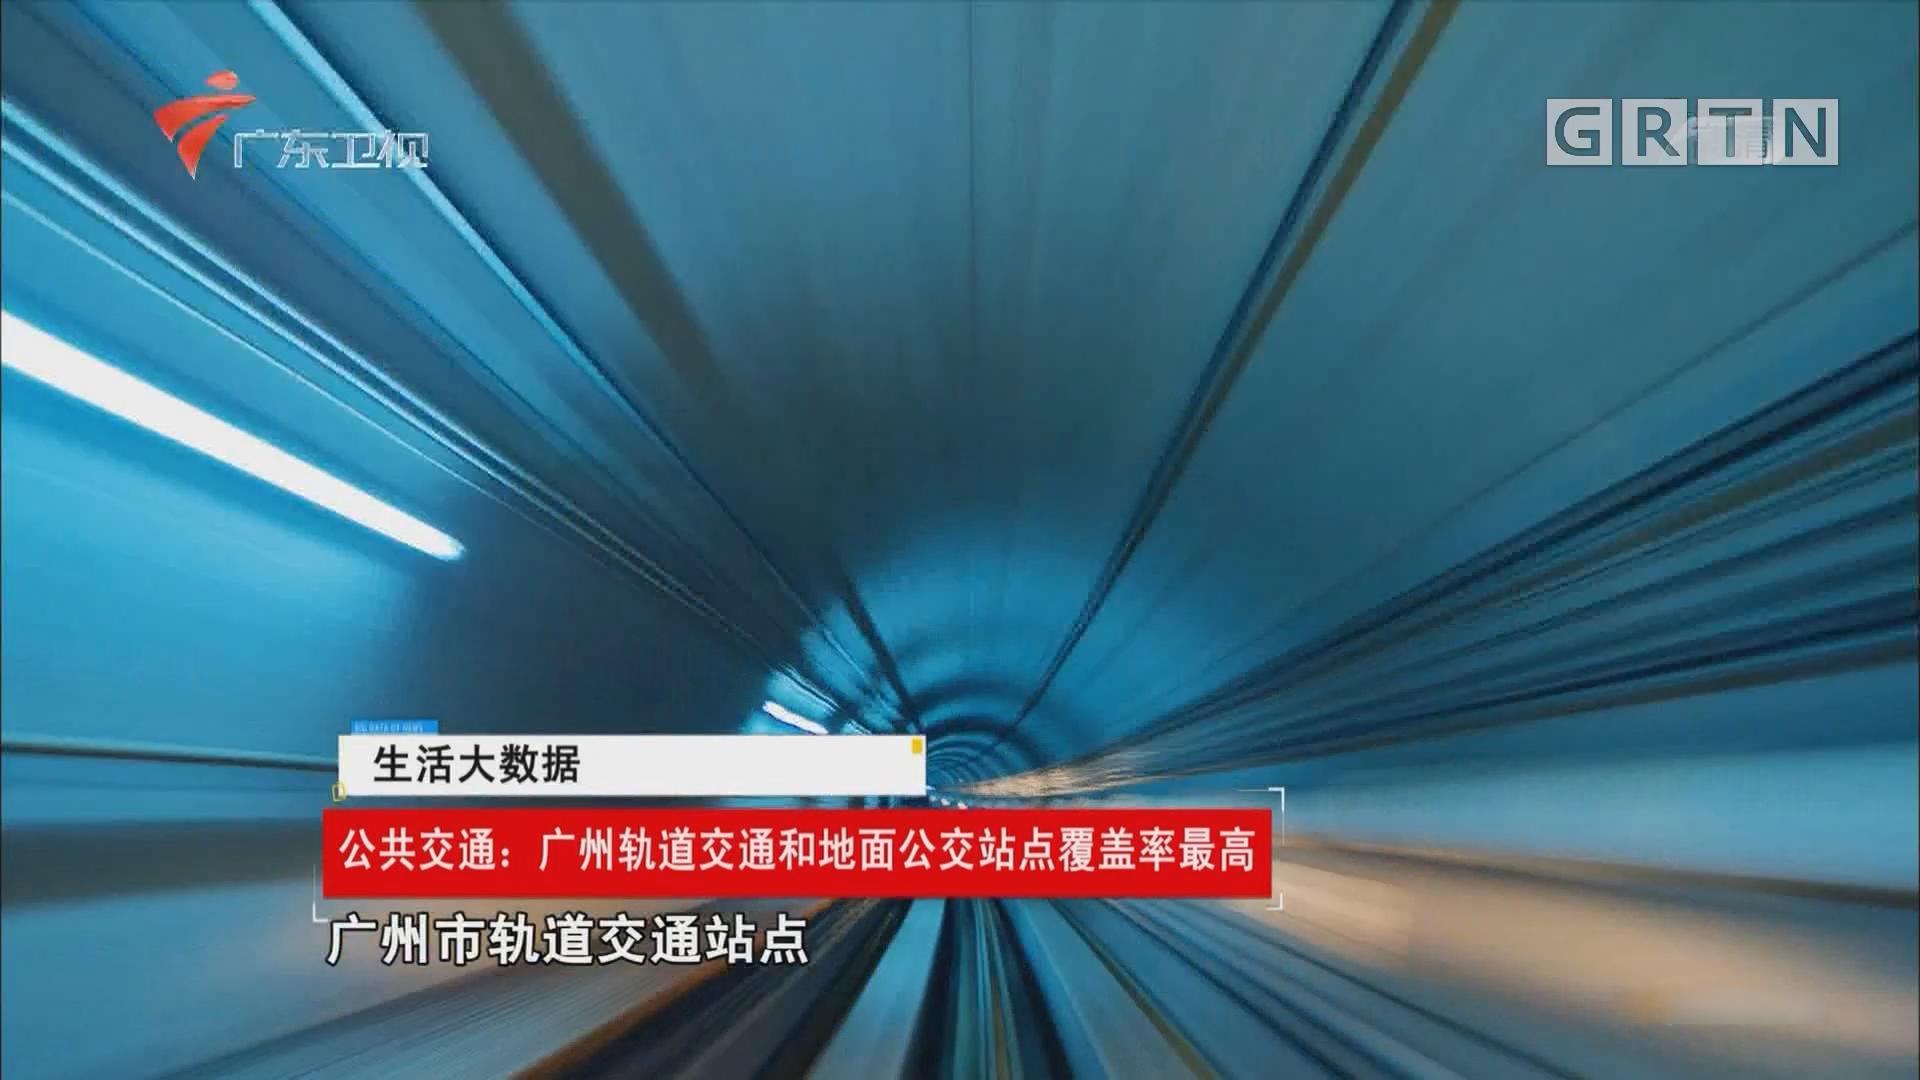 公共交通:广州轨道交通和地面公交站点覆盖率最高